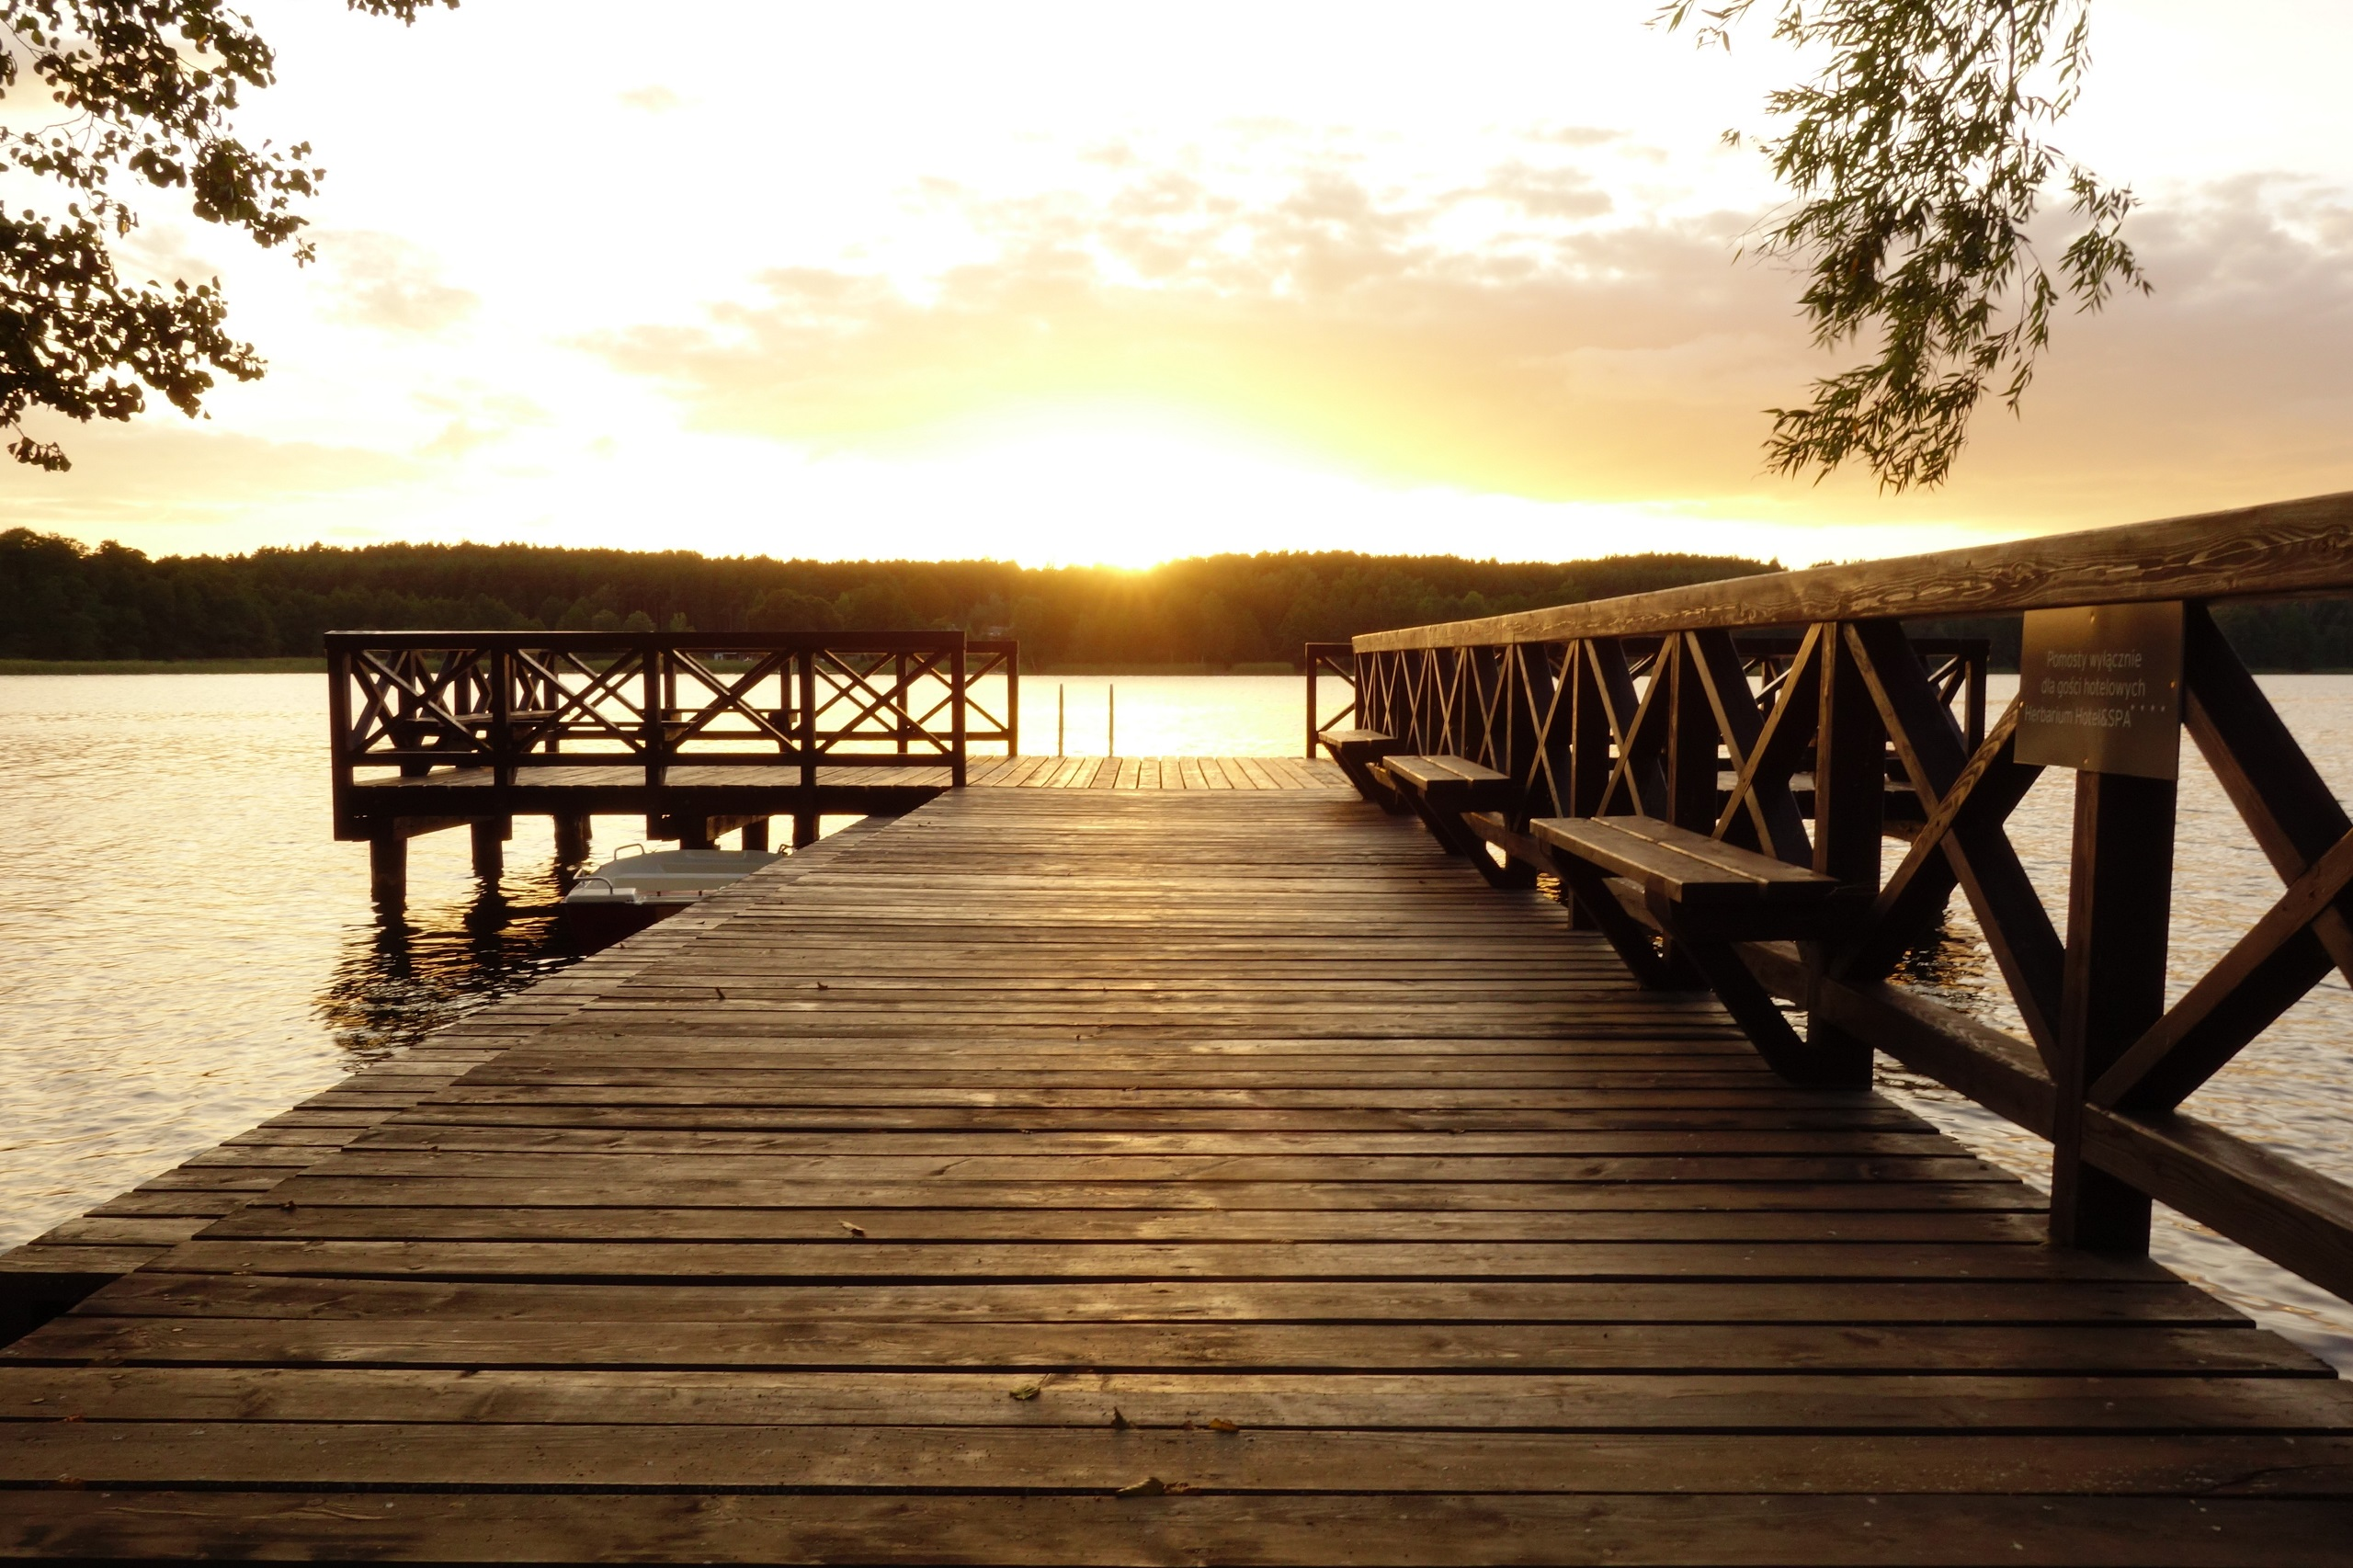 Zaplanuj swoją podróż w stylu eko - ekoturystyka